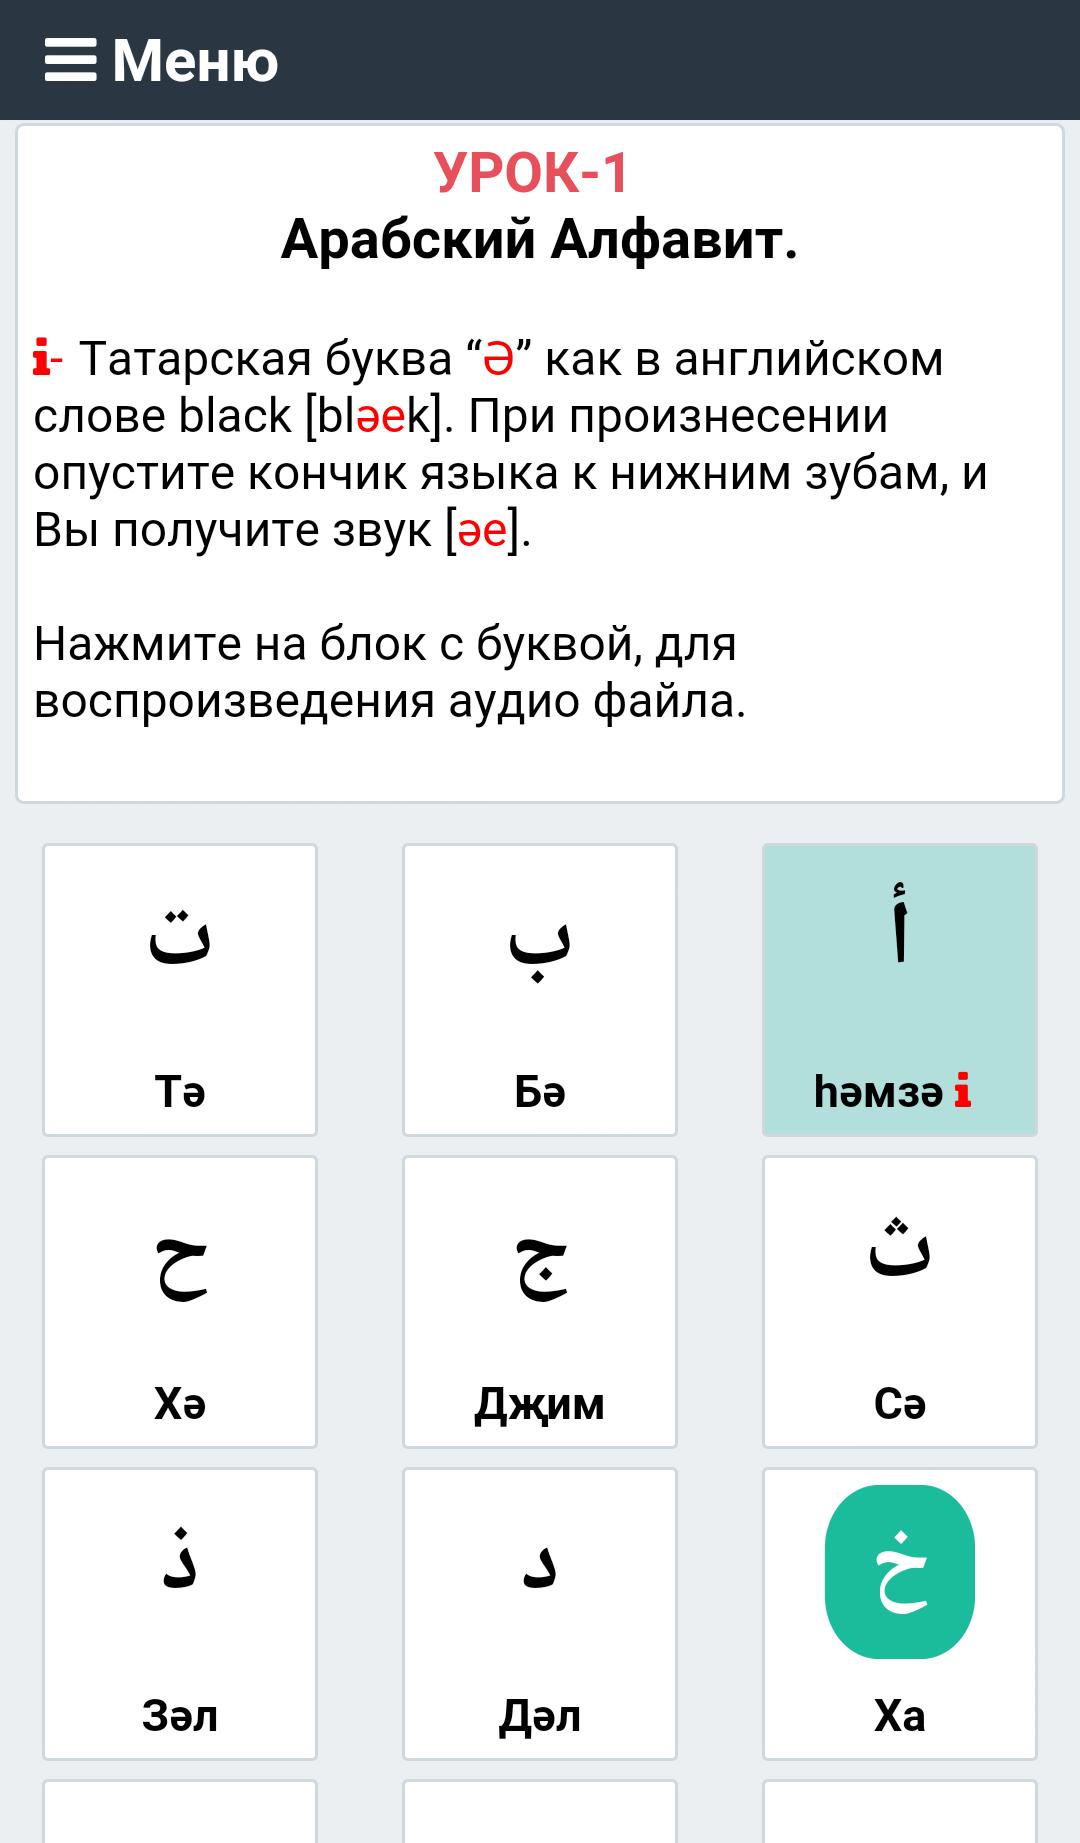 Подключаем арабский язык на компьютере 88